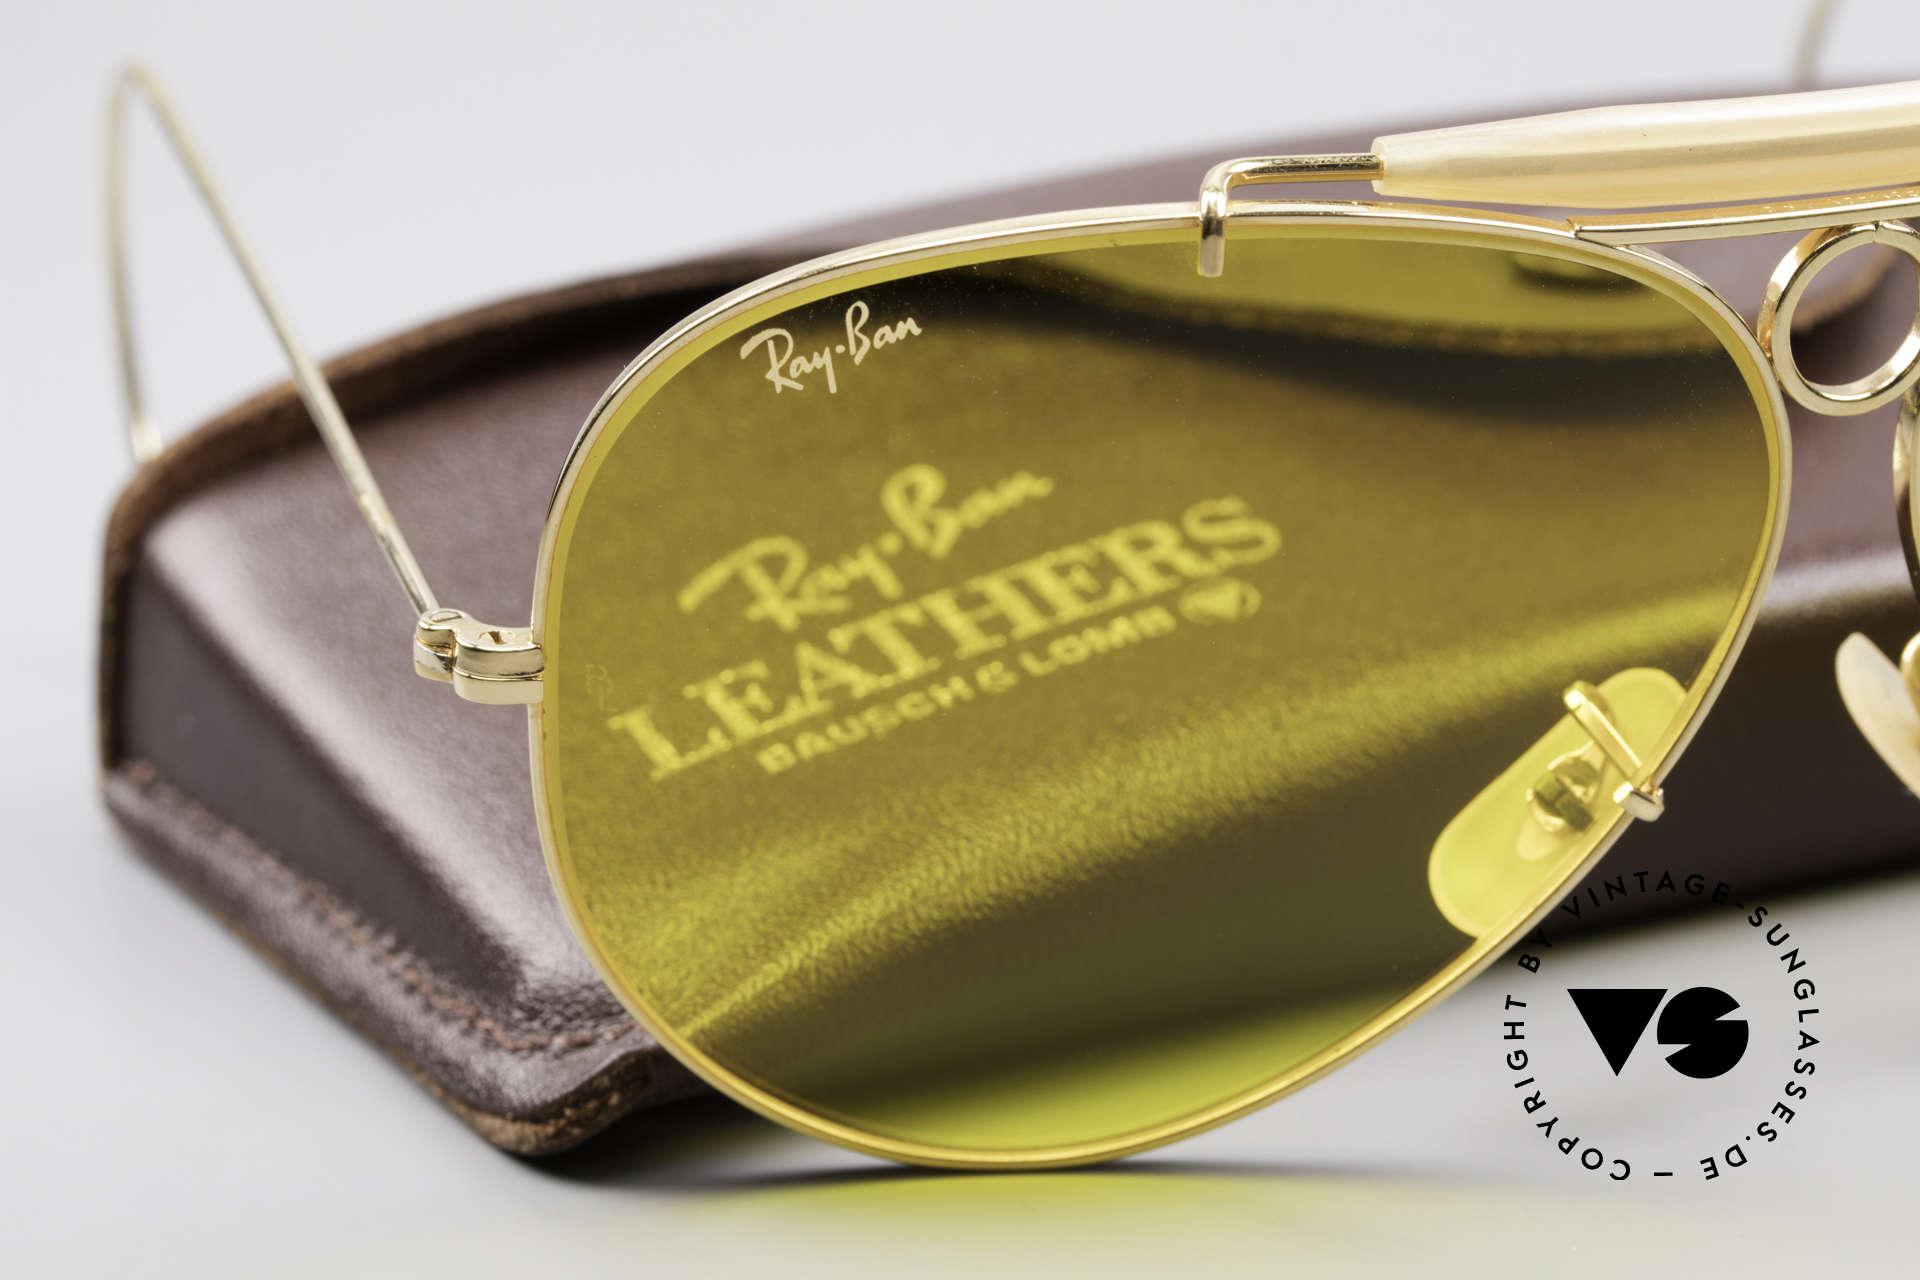 Ray Ban Shooter Sport Kalichrome B&L Gläser 62mm, KEINE RETROsonnenbrille, sondern ein USA-ORIGINAL, Passend für Herren